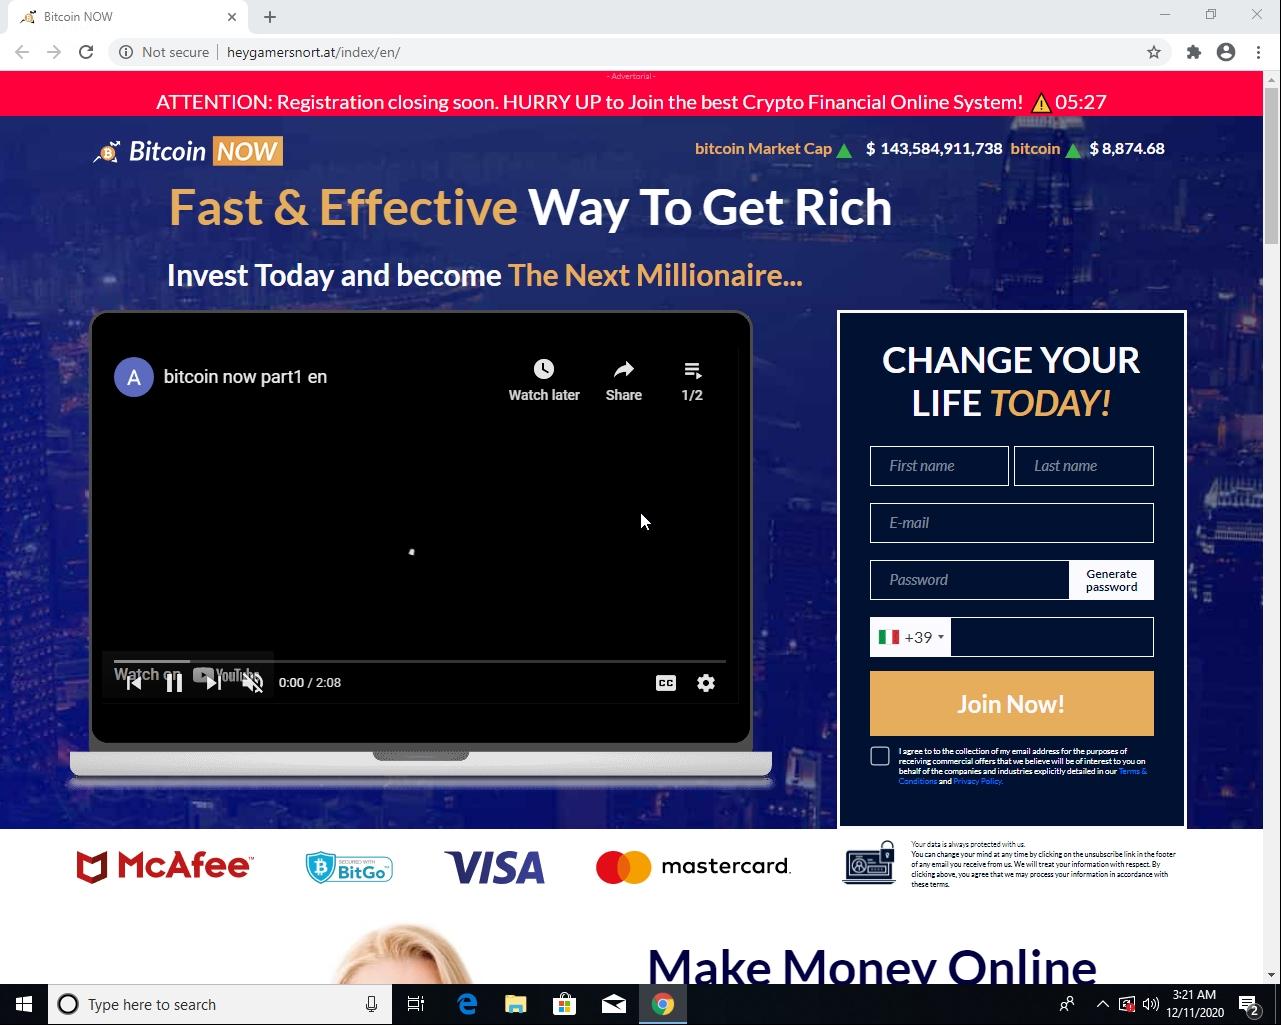 これは、ドメインheygamersnort[.]atによって設定された比較的高品質のウェブサイトの例です。これは英語です。